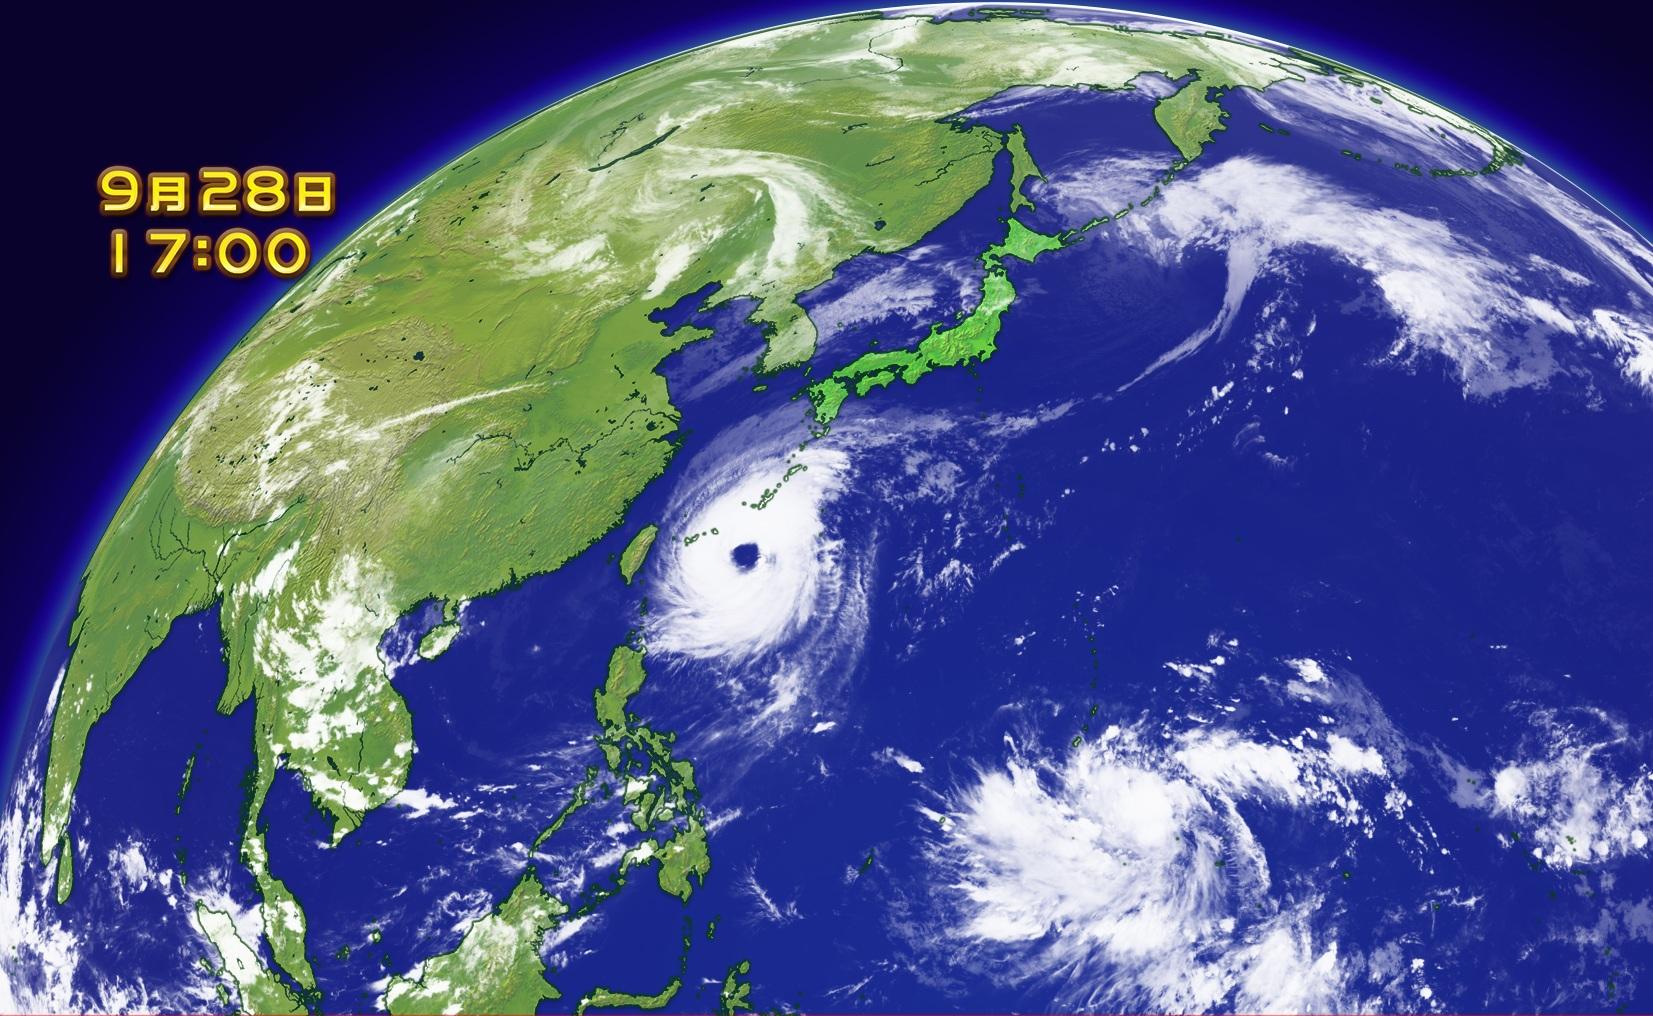 大型で非常に強い台風24号が沖縄地方へ進んできています。 渦を巻く発達した雲に、大きな眼。 衛星画像を見ても、すごい存在感です。